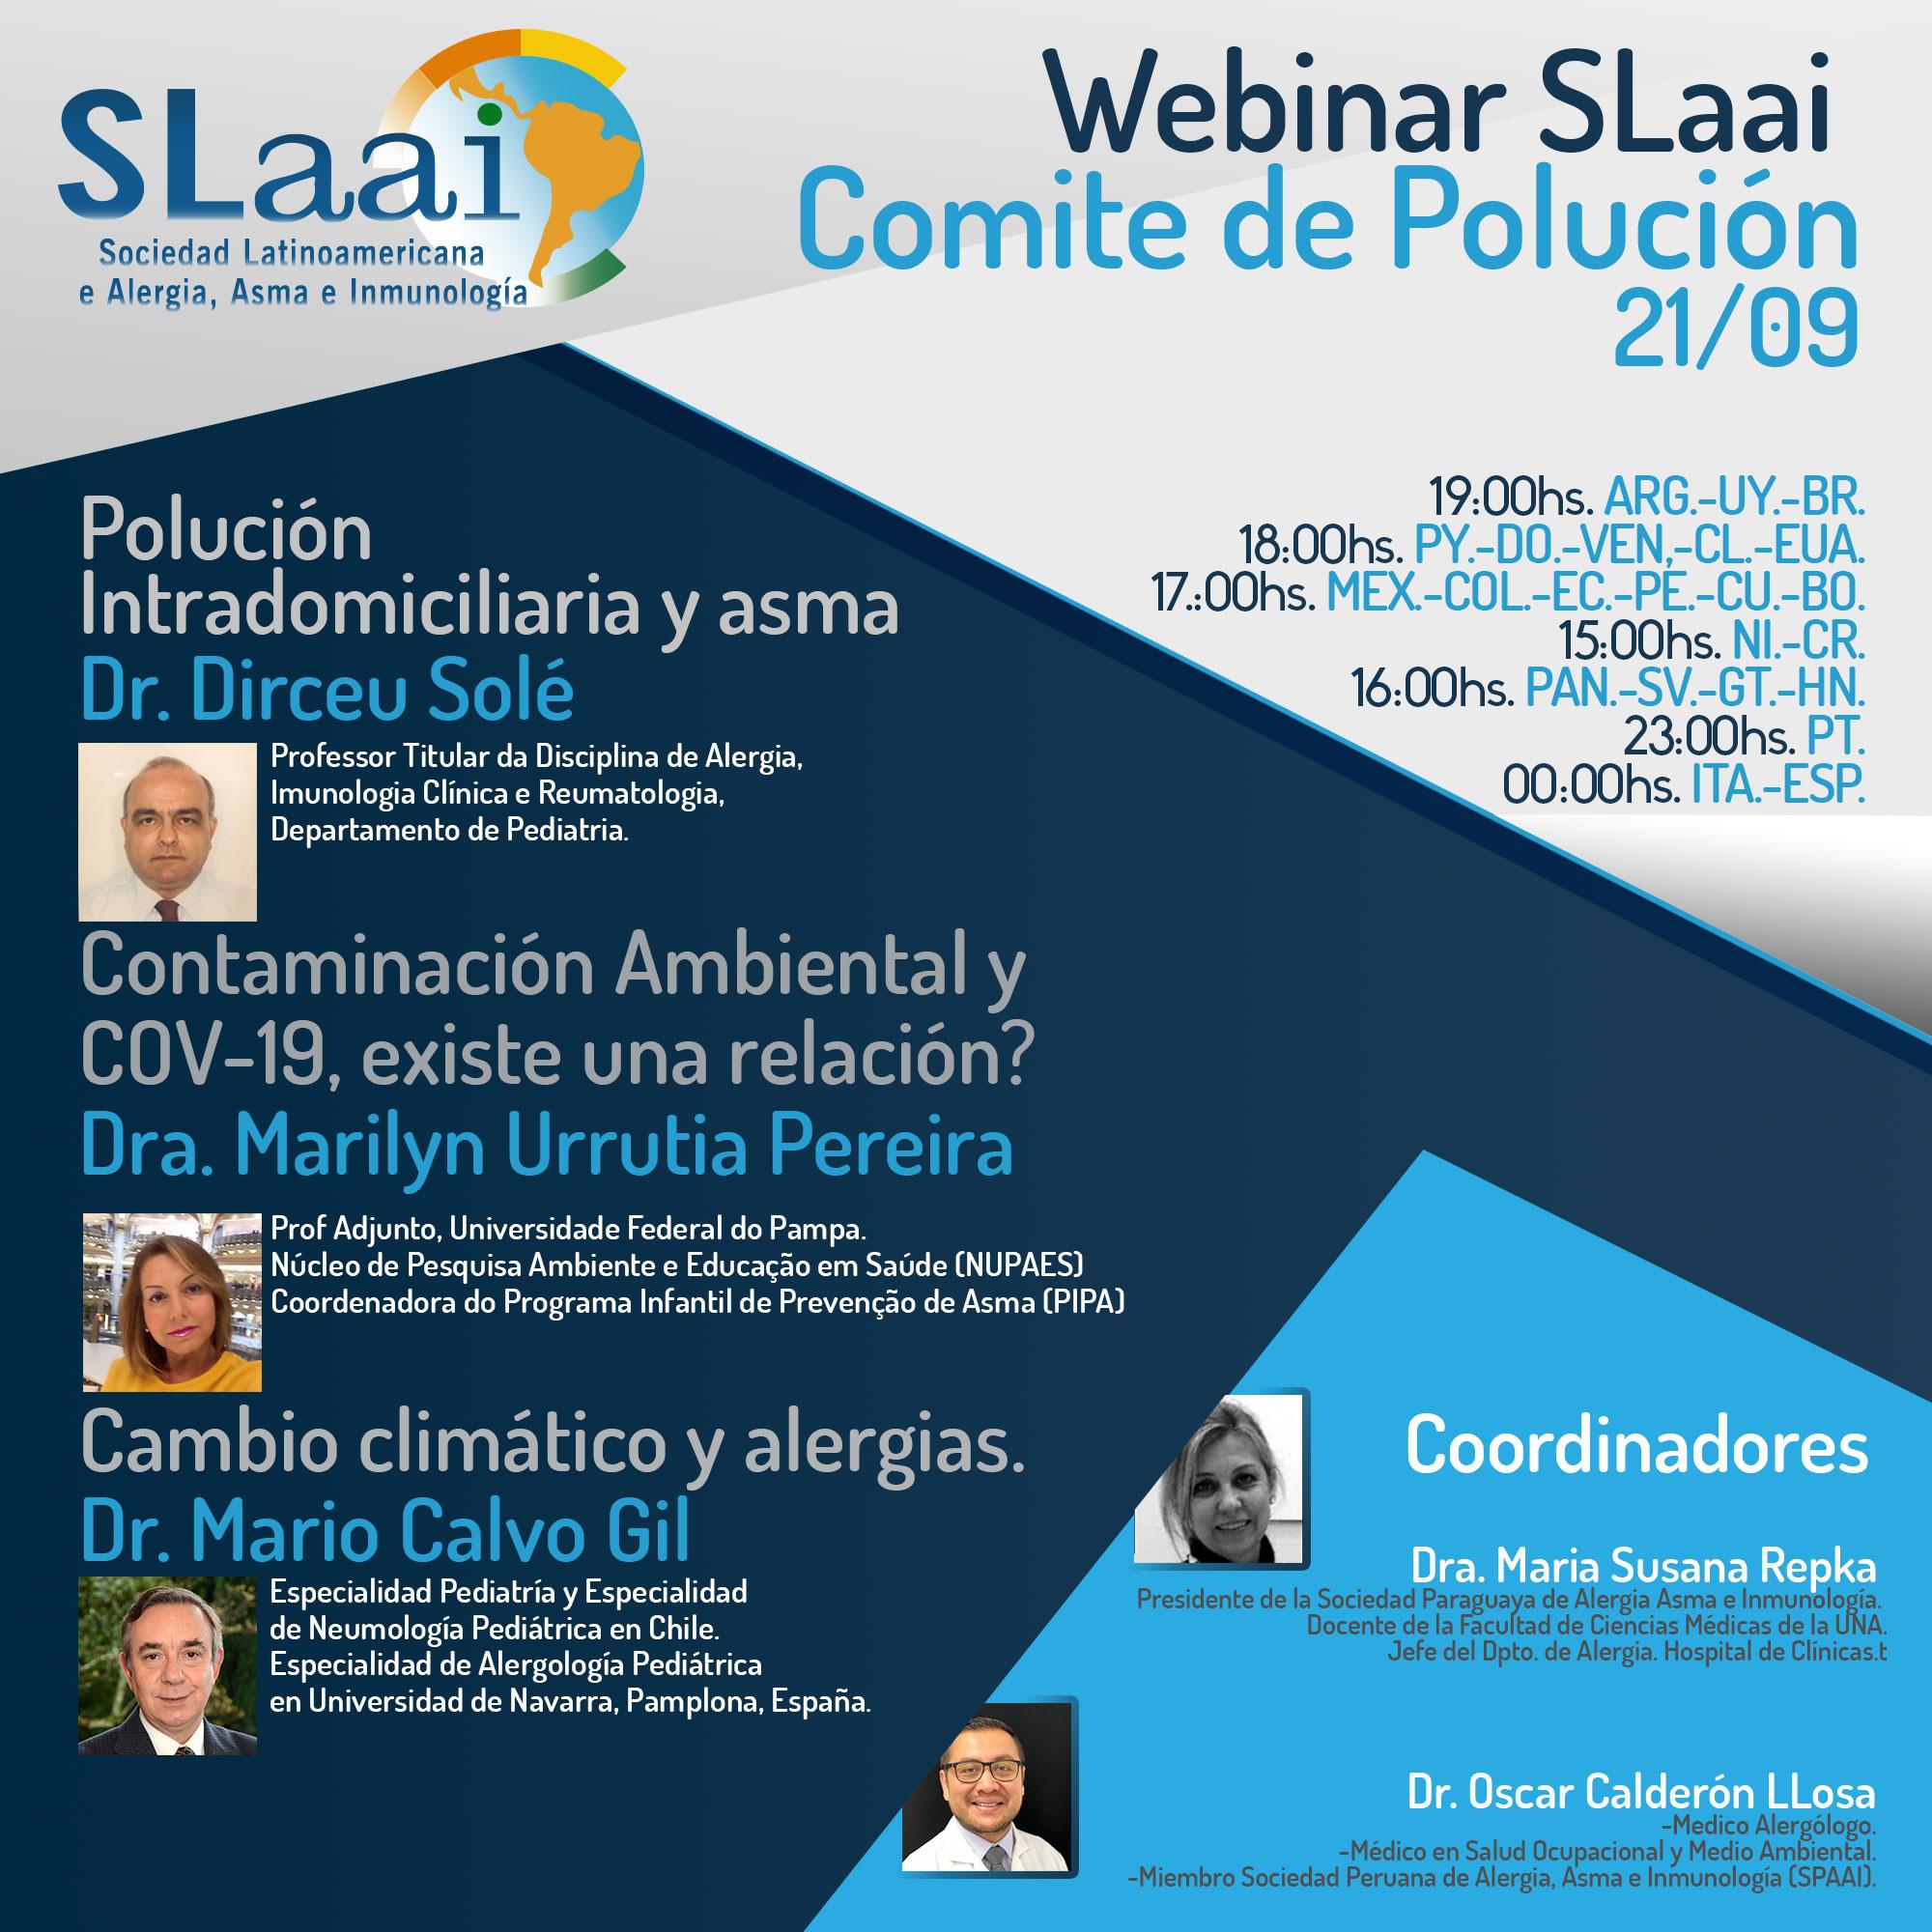 Invitacion Webinar SLaai Comite CIentifico de Polucion